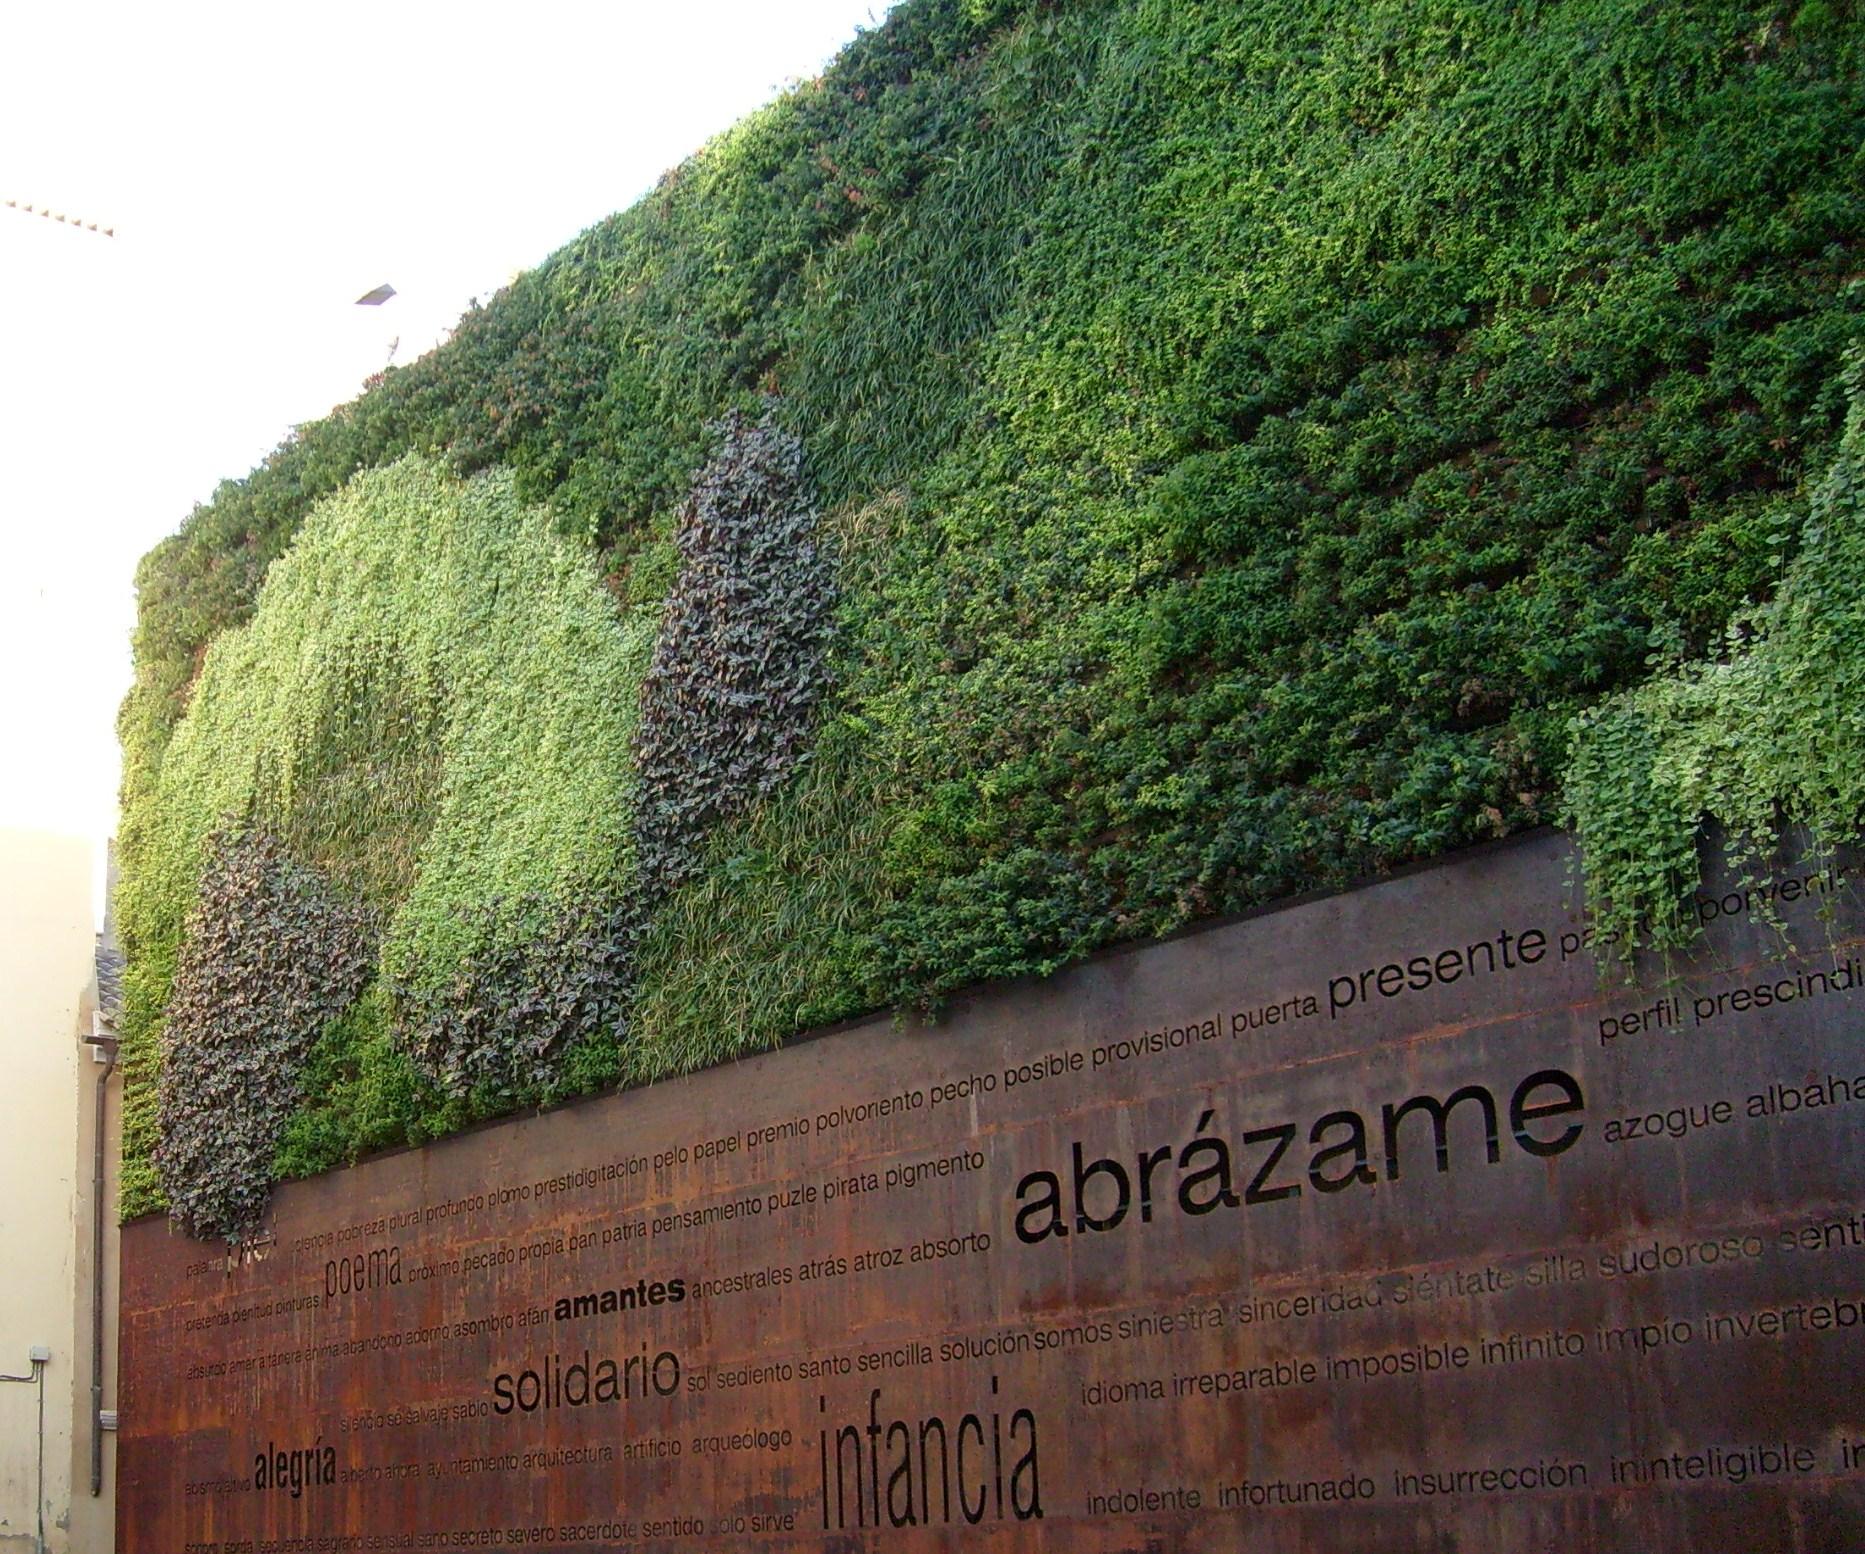 Jard n vertical como construir uno taringa for Que es un jardin vertical